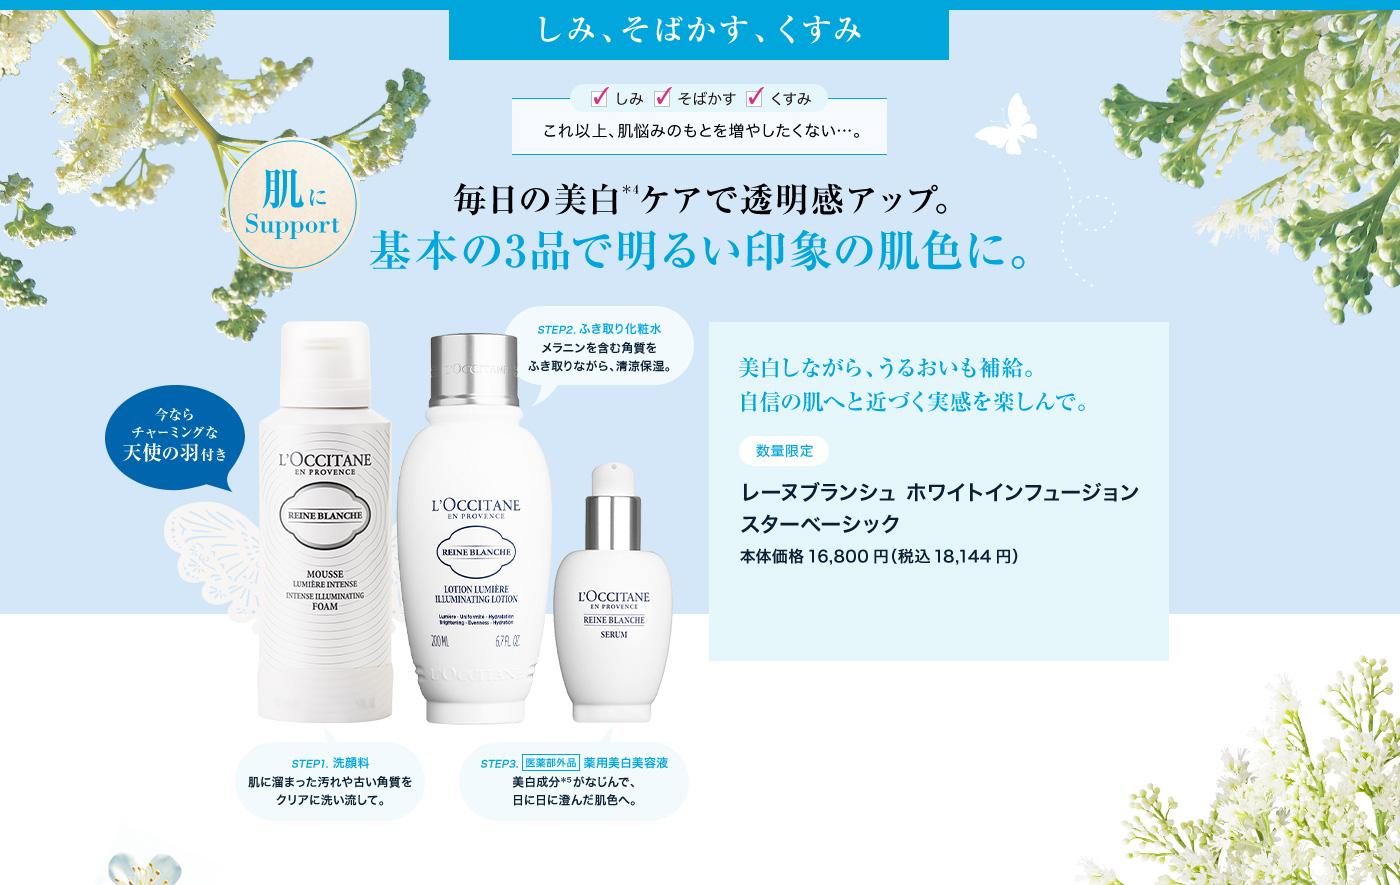 しみ、そばかす、くすみ 毎日の美白*4ケアで透明感アップ。 基本の3品で明るい印象の肌色に。